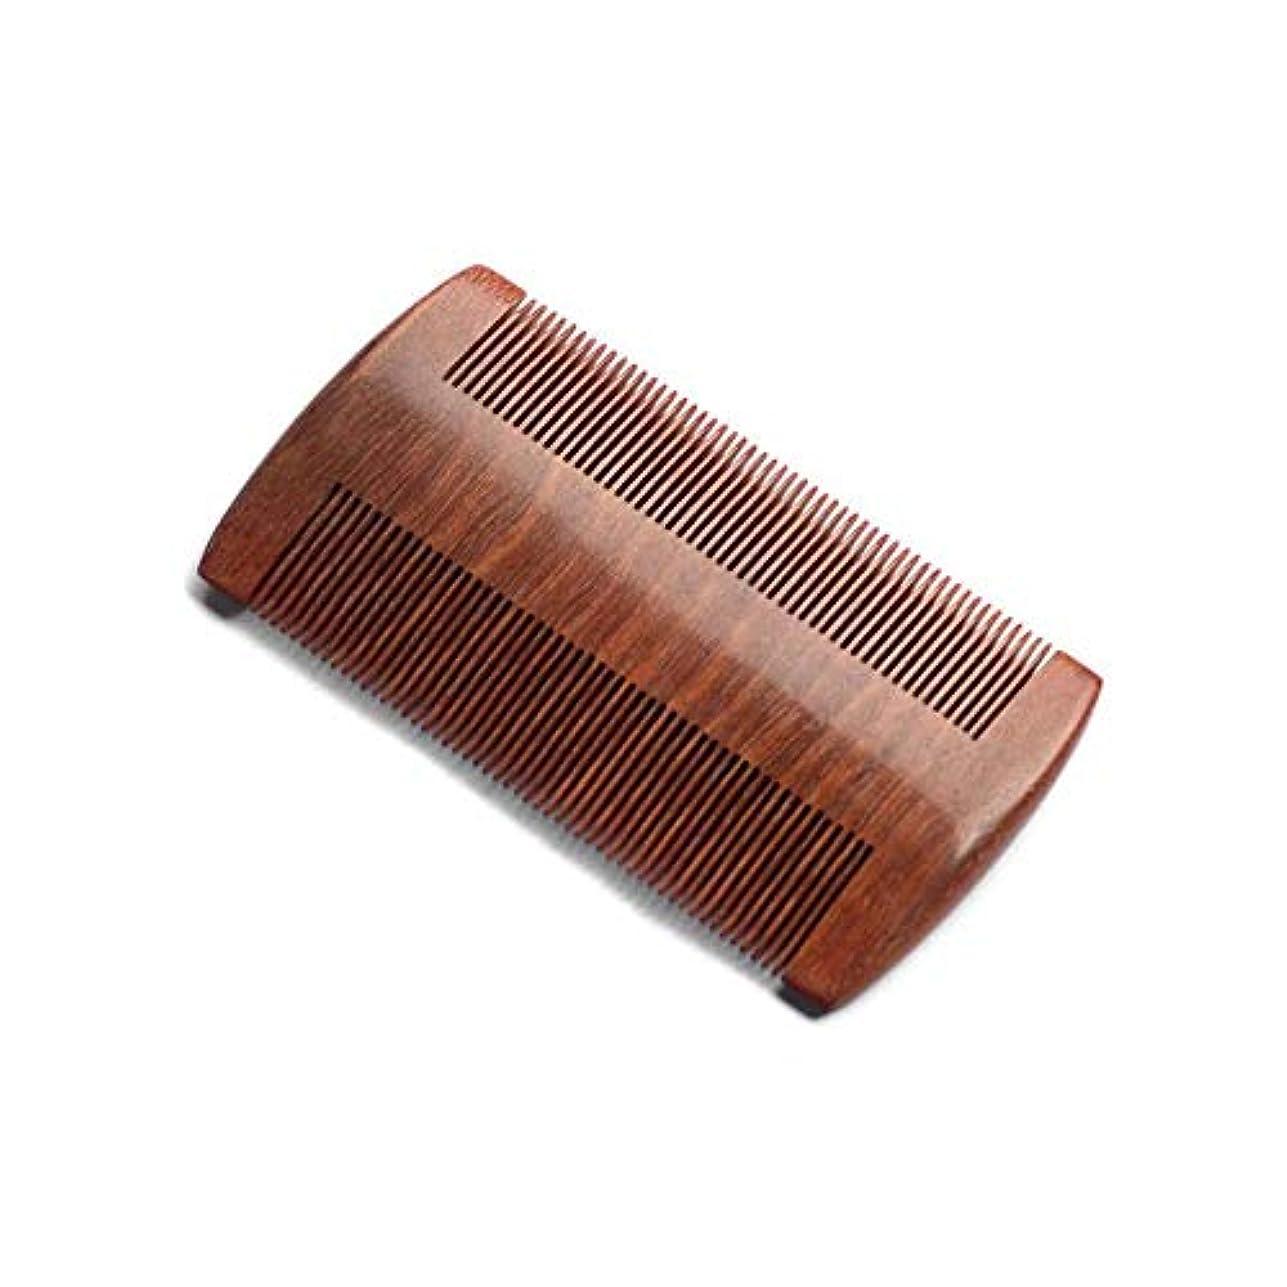 トラフィック哀れな絶妙ZYDP 細かいコンパクトな歯赤白檀の髪の櫛手作りの櫛帯電防止髪の櫛